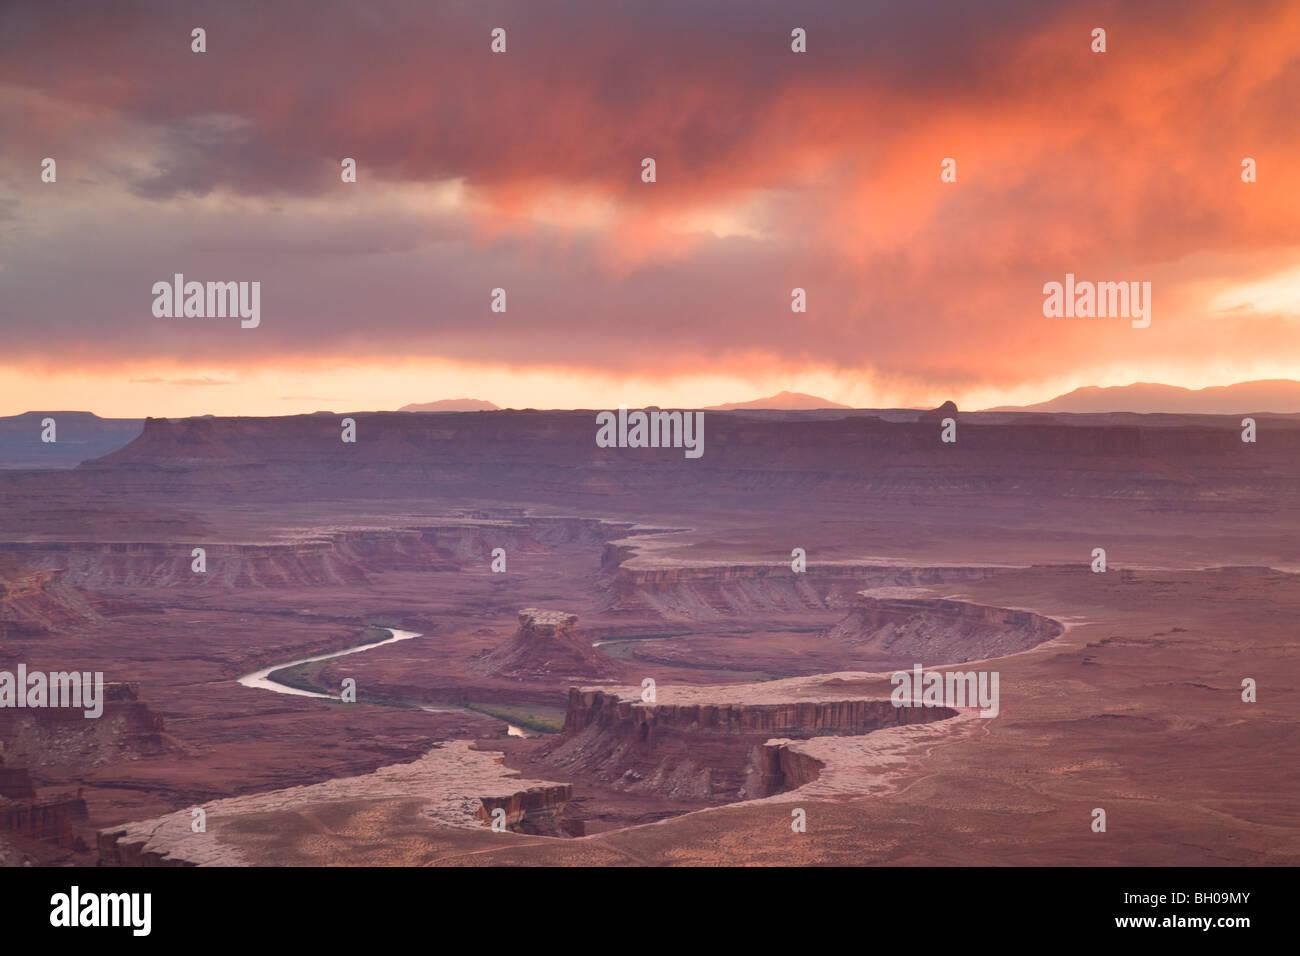 Vistas del Río Verde, distrito de Island in the Sky, Canyonlands National Park, cerca de Moab, Utah. Foto de stock